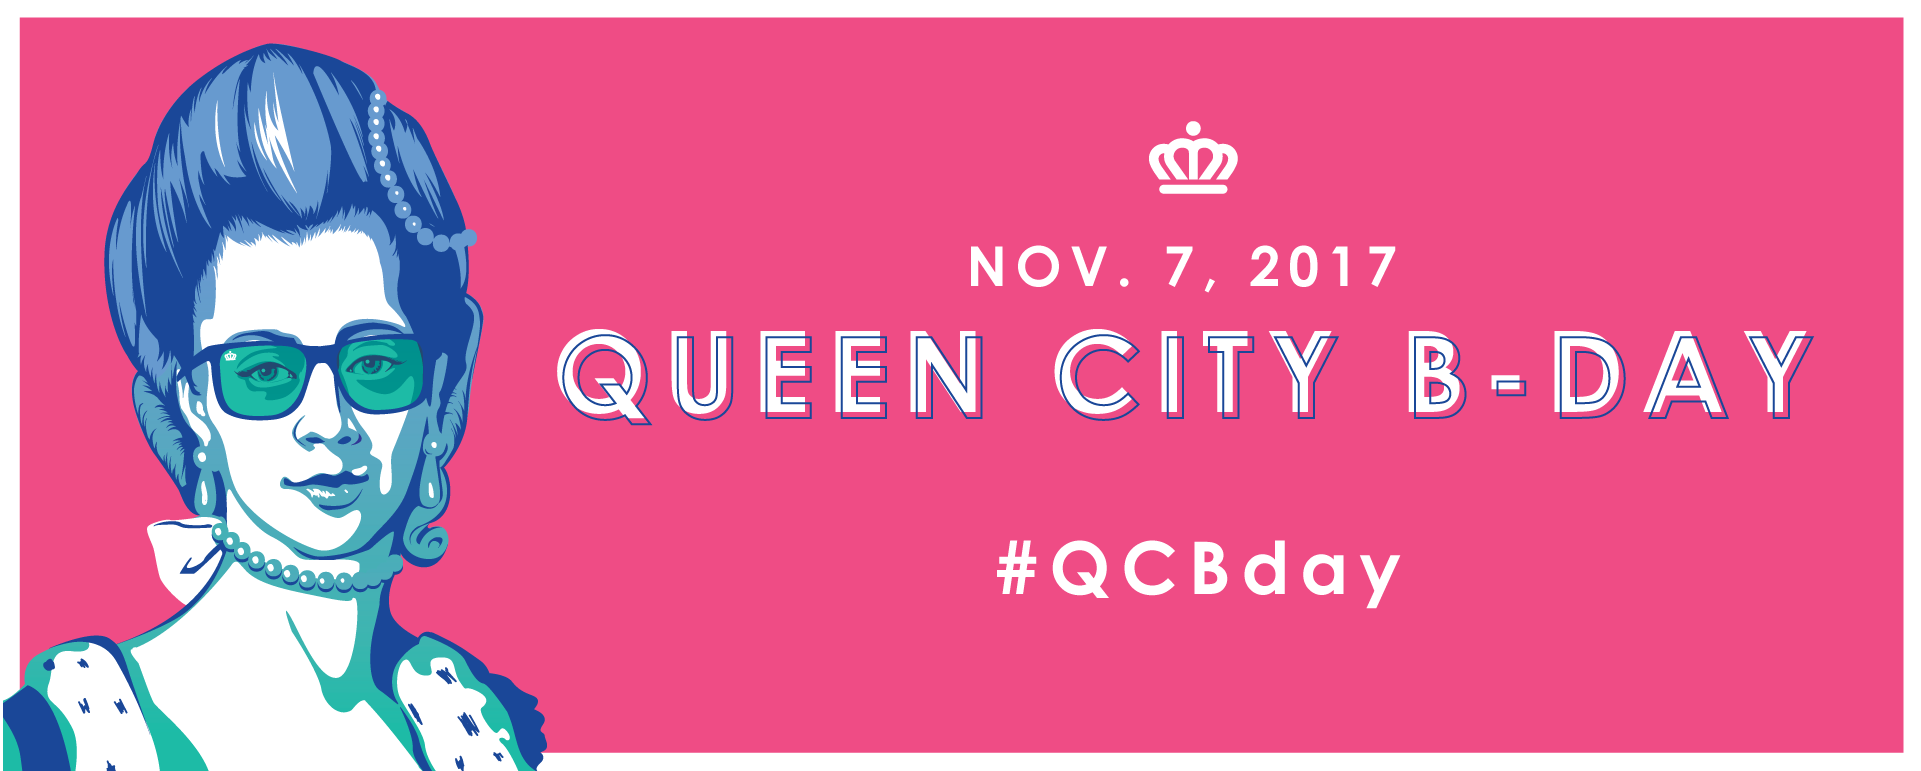 Queen City Bday